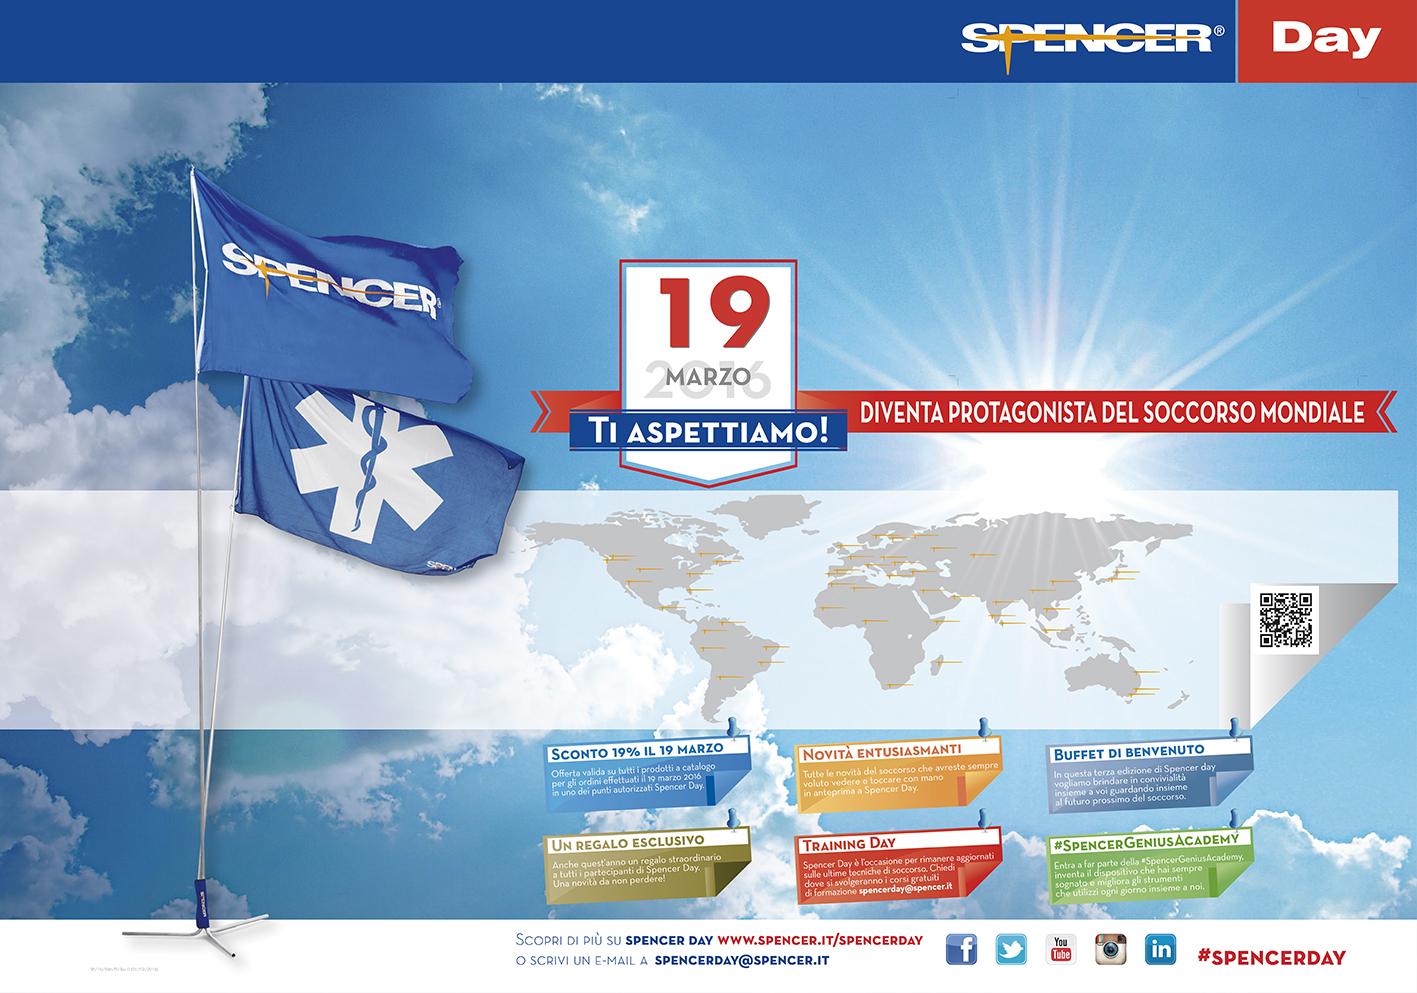 Spencer Day, segui l'evento dedicato al soccorso in diretta, anche con Whatsapp